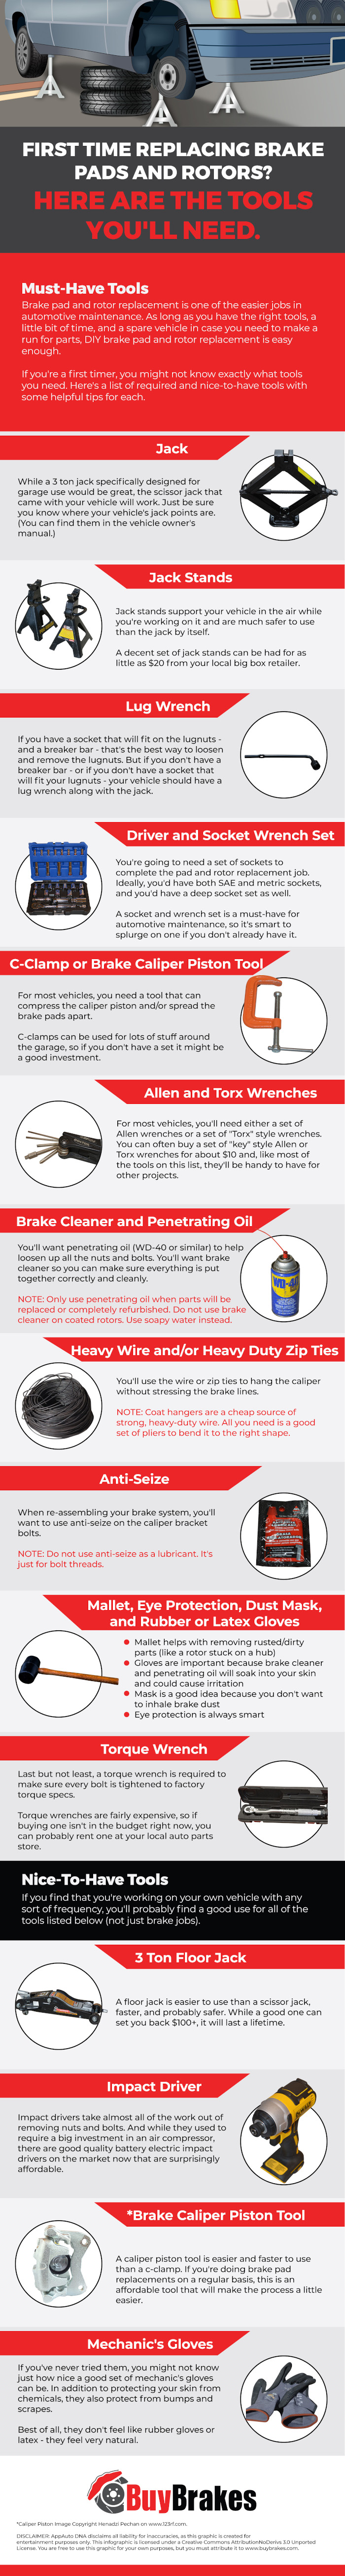 Brake change tools